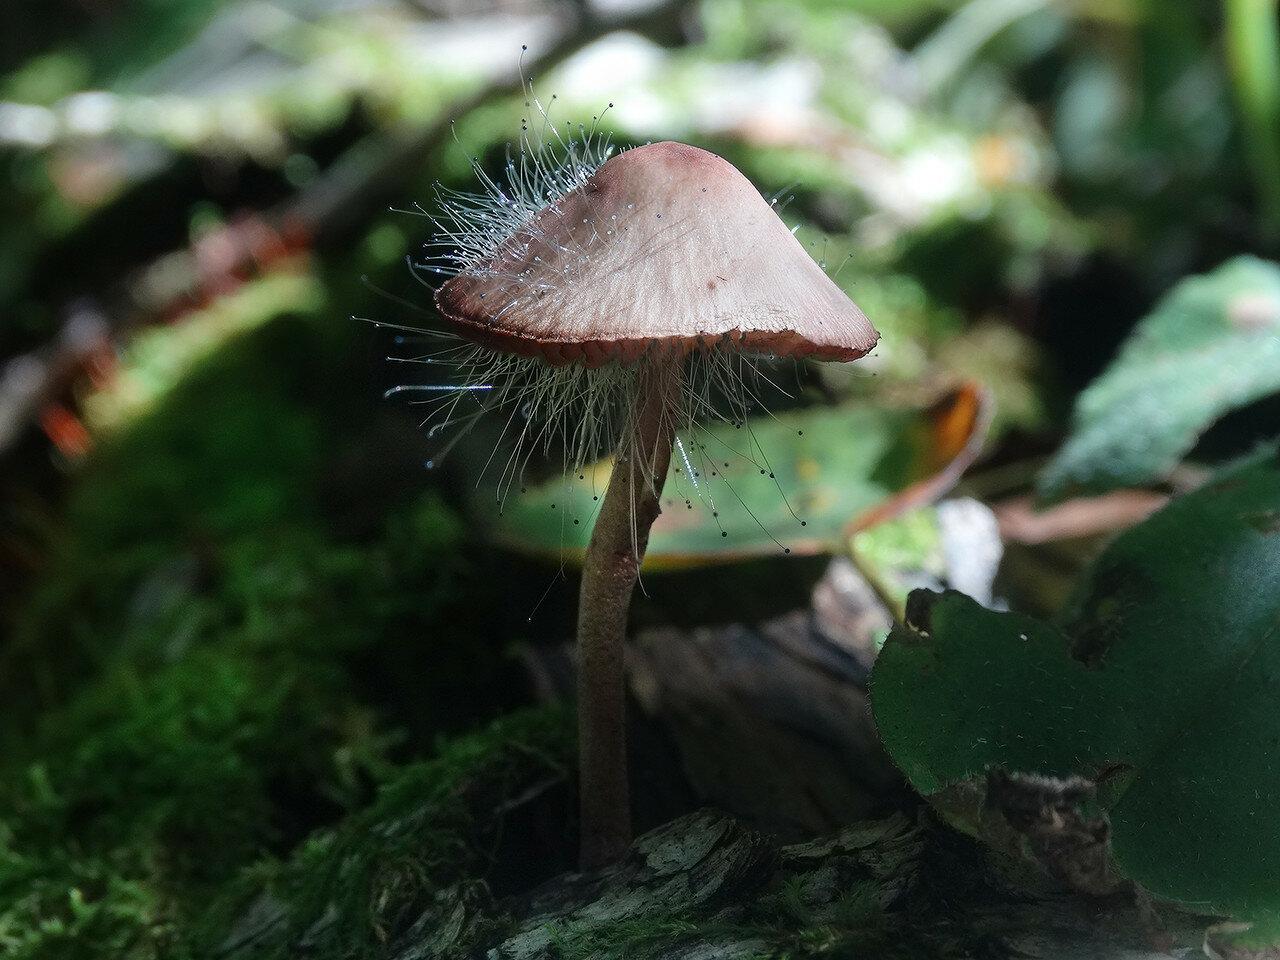 Мицена со спинеллусом щетинистым (Spinellus fusiger). Автор фото: Привалова Марина